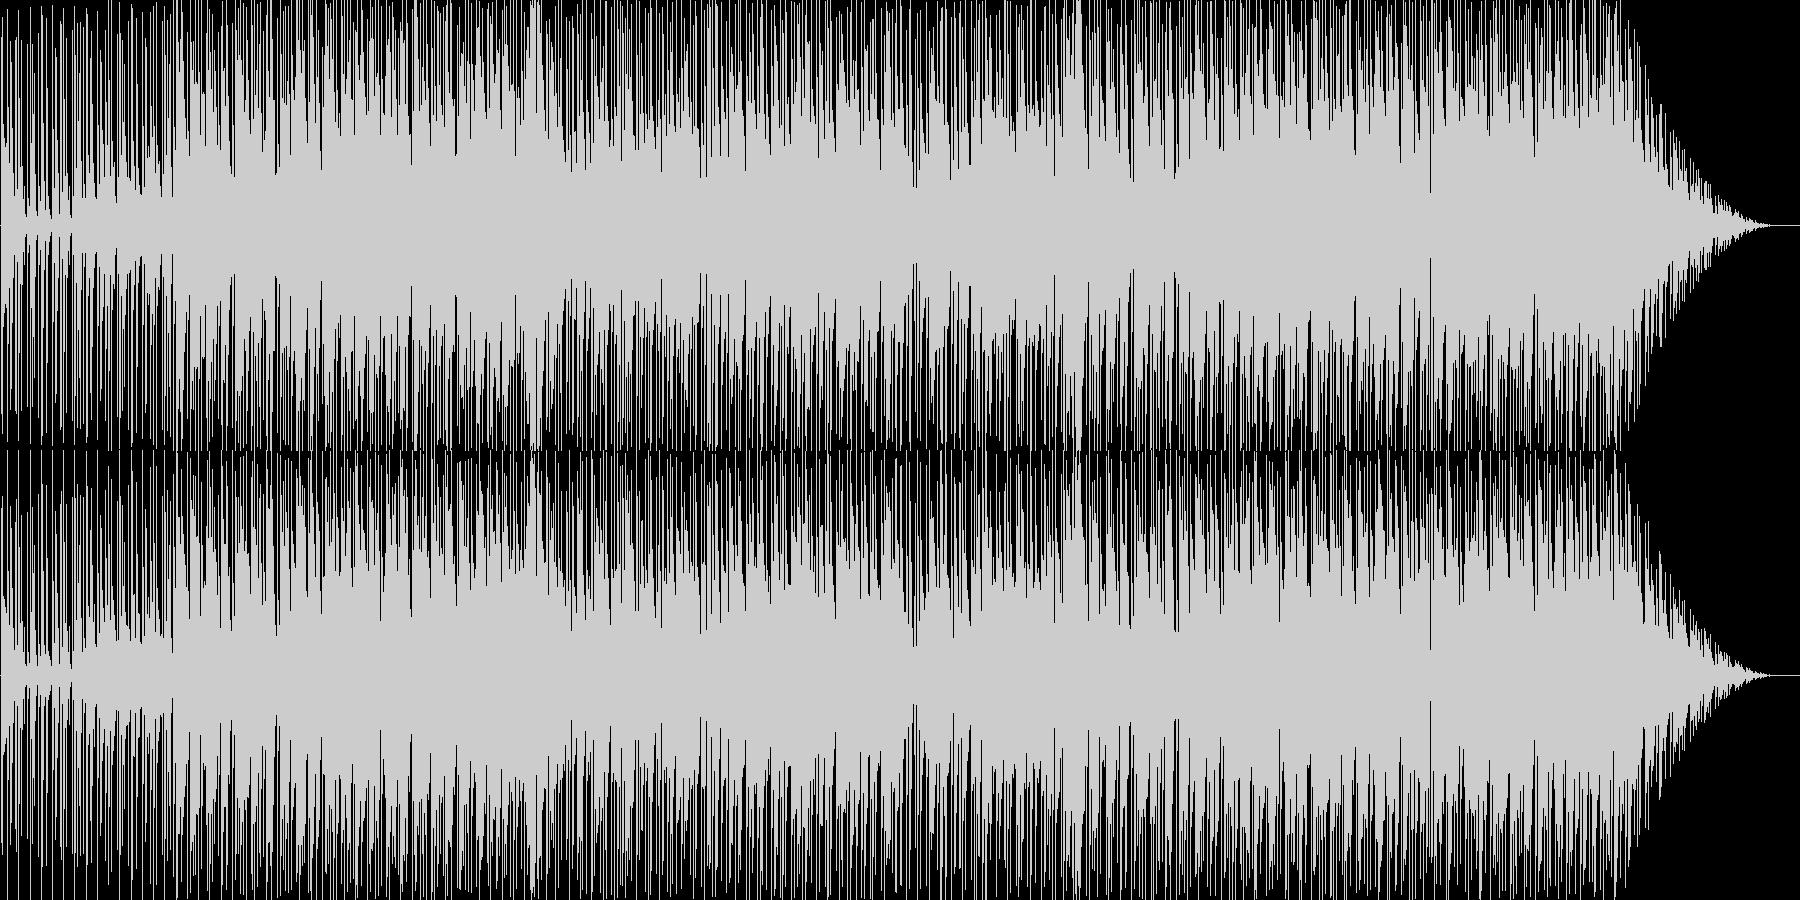 ピアノ・ドラム・ブラスをメインとしたブ…の未再生の波形